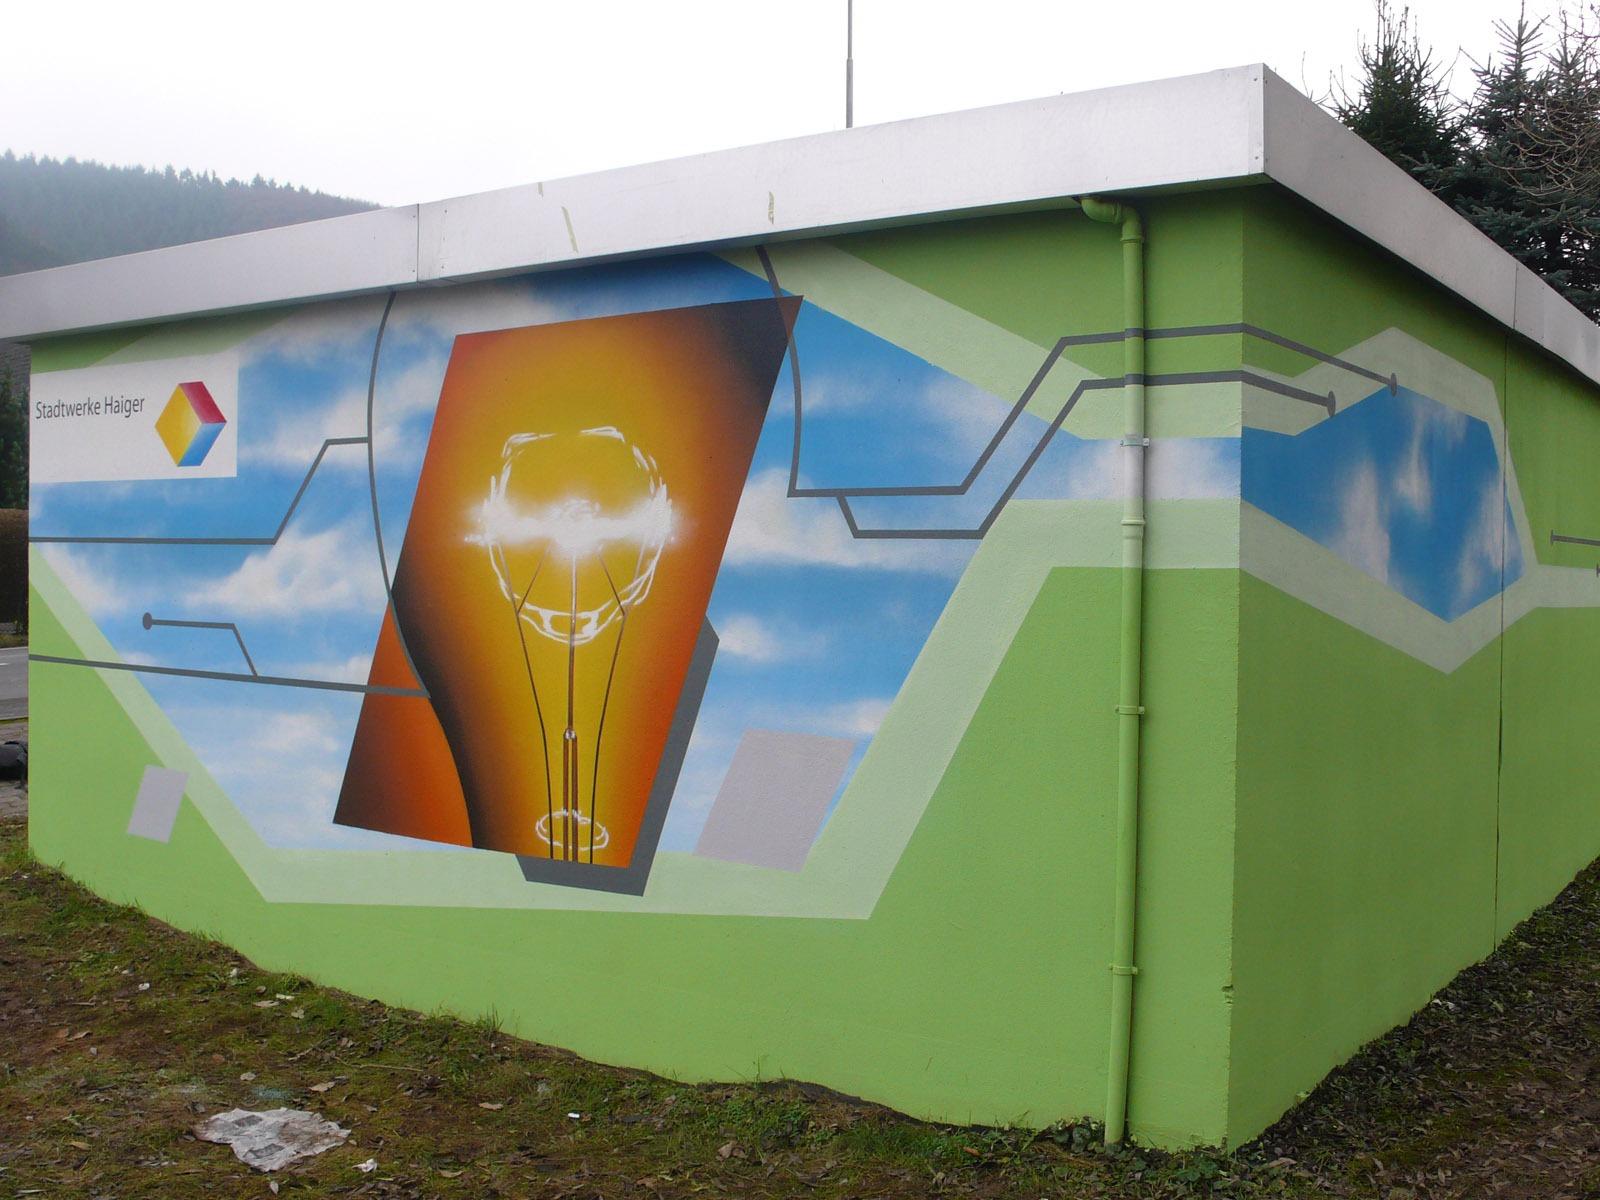 graffitiauftrag_graffitikuenstler_artmos4_stadtwerke_haiger_fotorealistisch_grafisch_energie_4